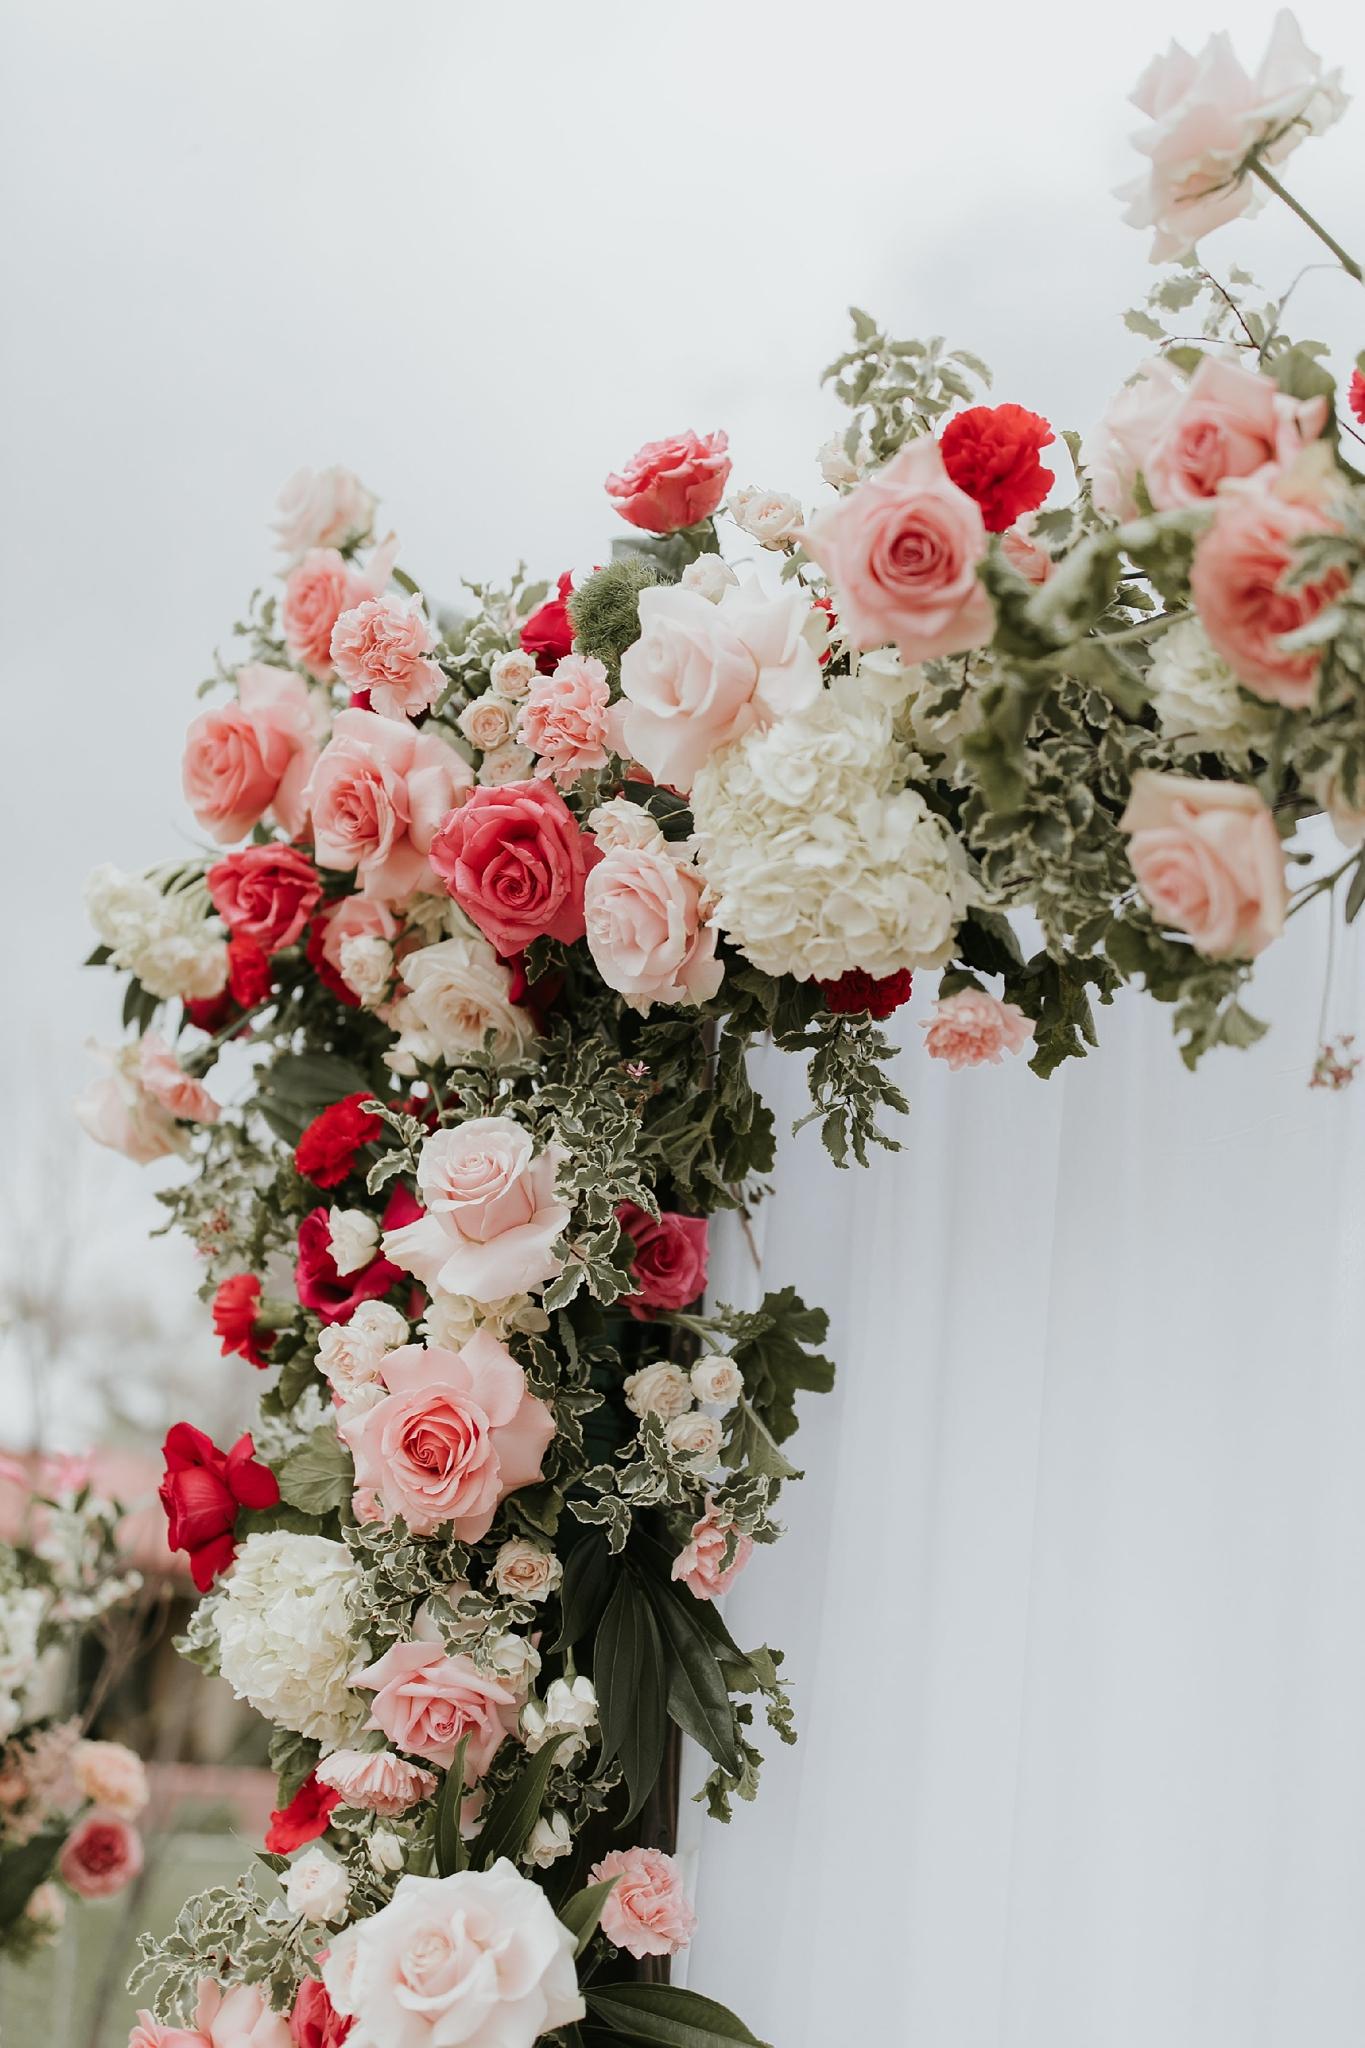 Alicia+lucia+photography+-+albuquerque+wedding+photographer+-+santa+fe+wedding+photography+-+new+mexico+wedding+photographer+-+new+mexico+florist+-+wedding+florist+-+renegade+floral_0046.jpg